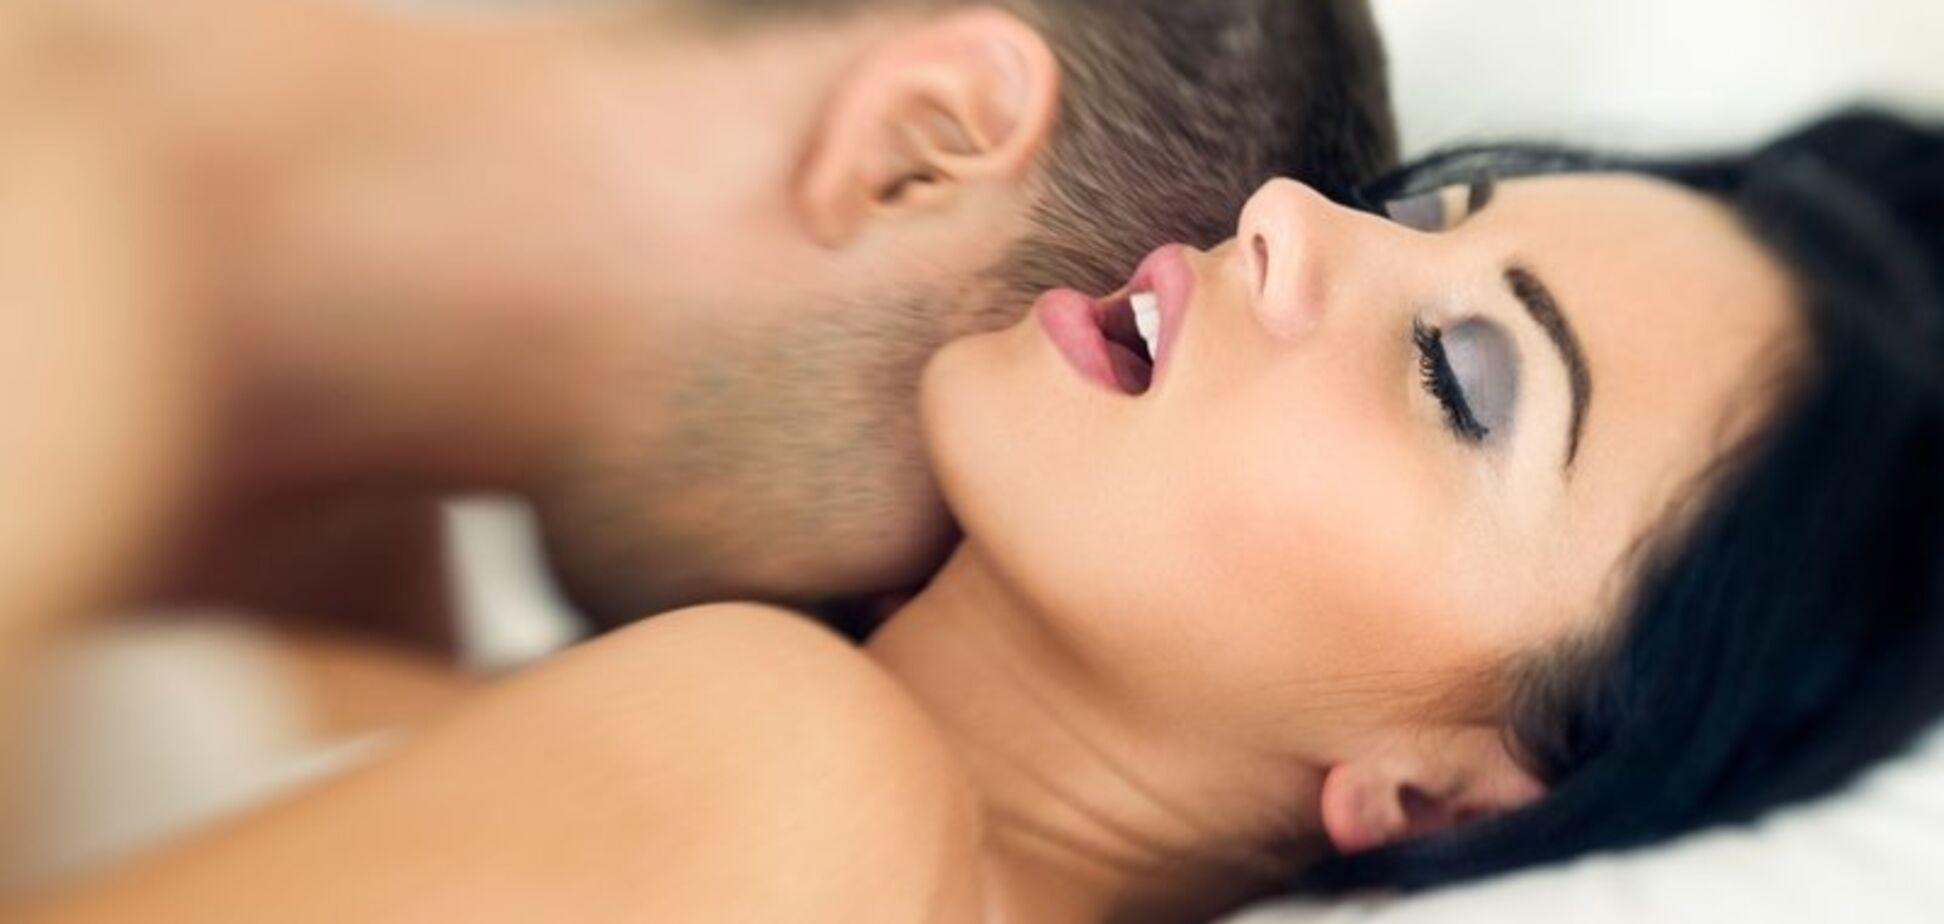 Почему женщины очень часто не испытывают оргазма?